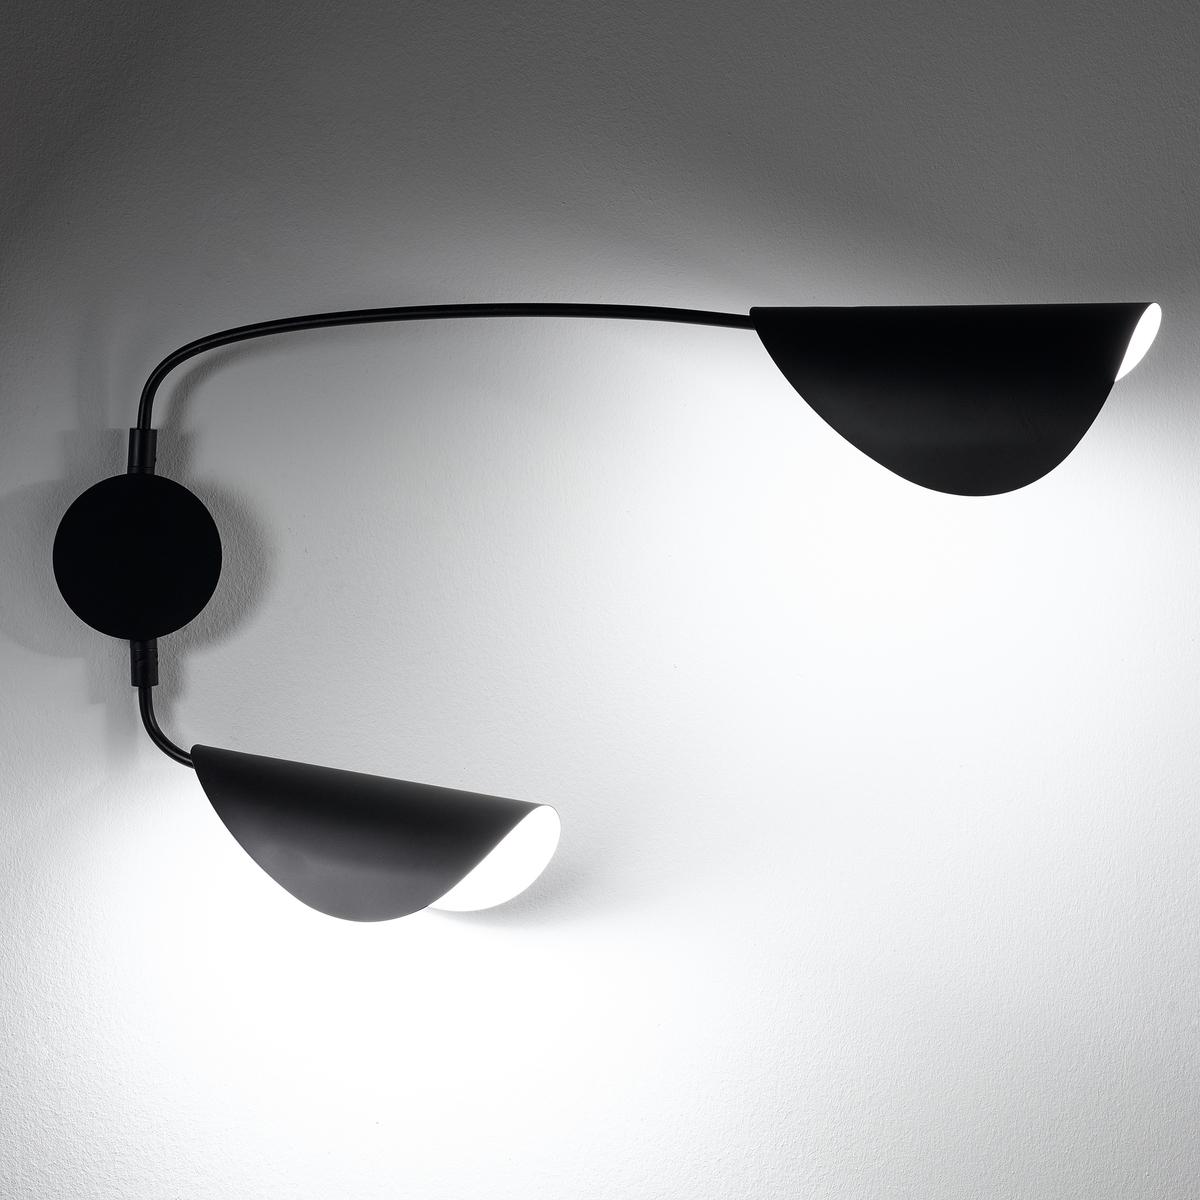 Бра с 2 кронштейнами FunambuleХарактеристики : - Из металла с матовым эпоксидным покрытием- Патрон E14 для флуоресцентной лампы макс. 8 Вт (продается отдельно)- Совместим с лампами класса энергопотребления  A Размеры :- Ш.77 (в нормальном положении) до 102 x В.40 x Г. макс. 70 см.<br><br>Цвет: черный